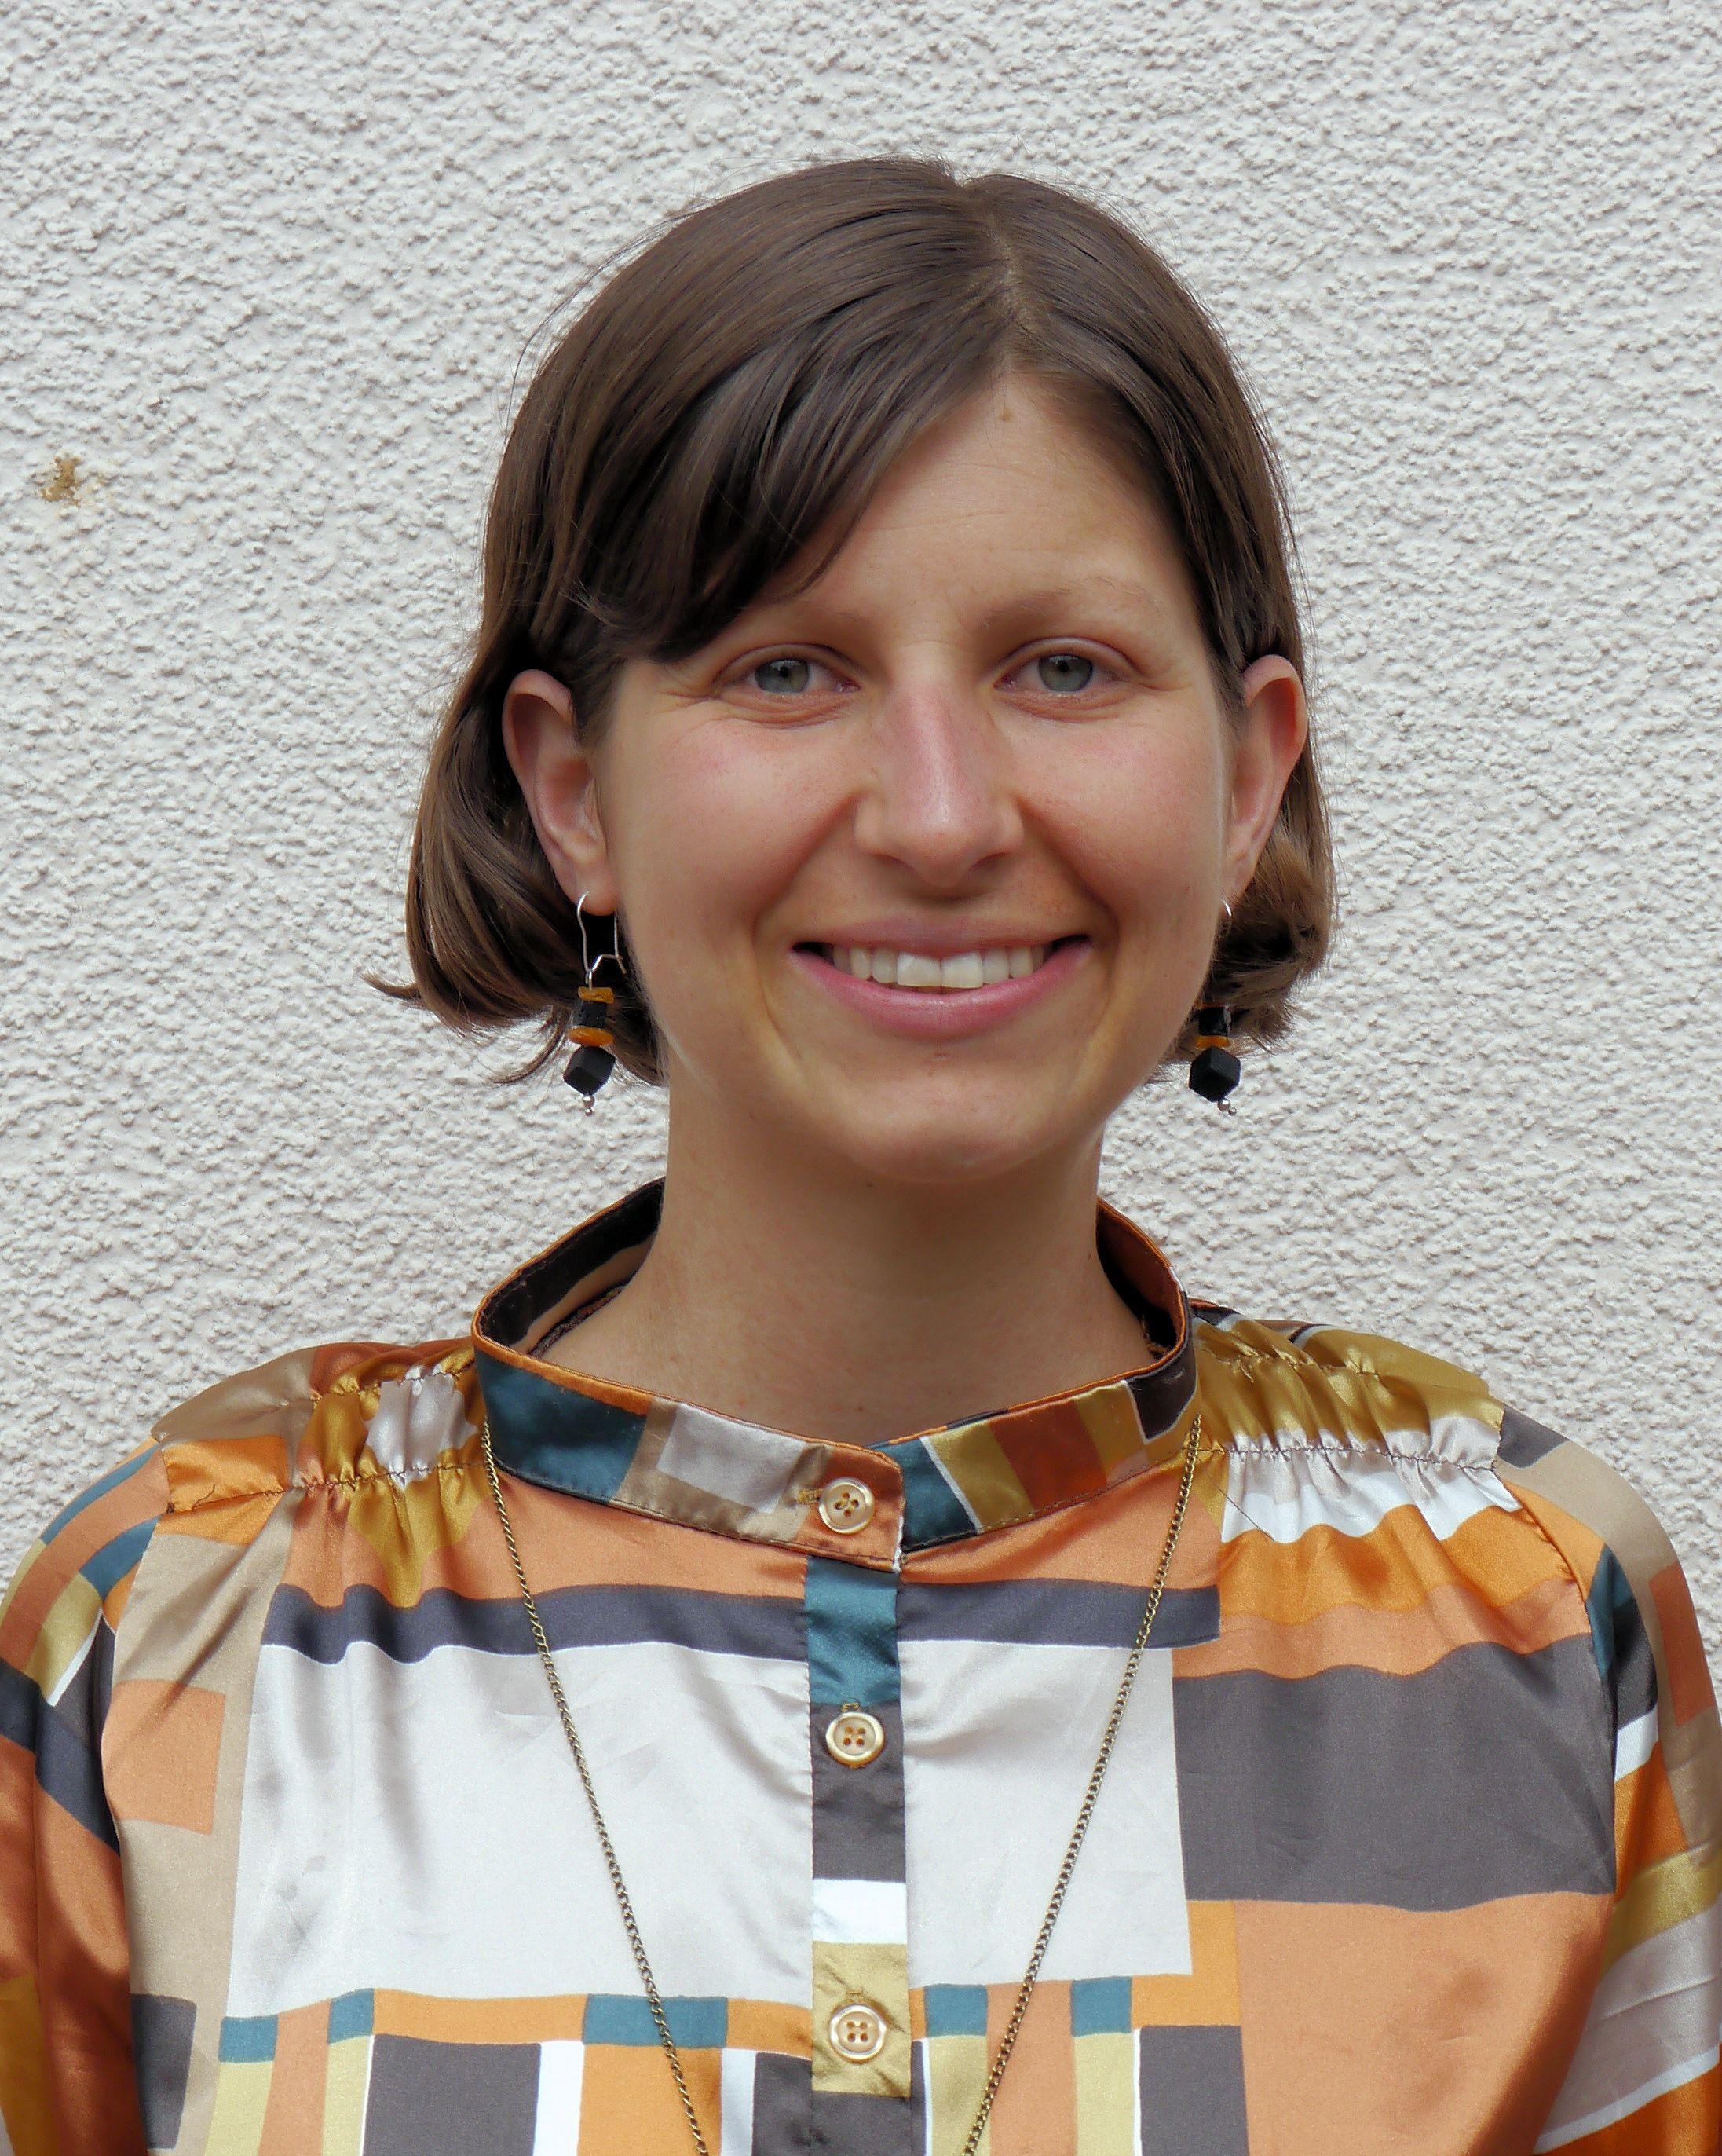 Eva-Maria Rädtke